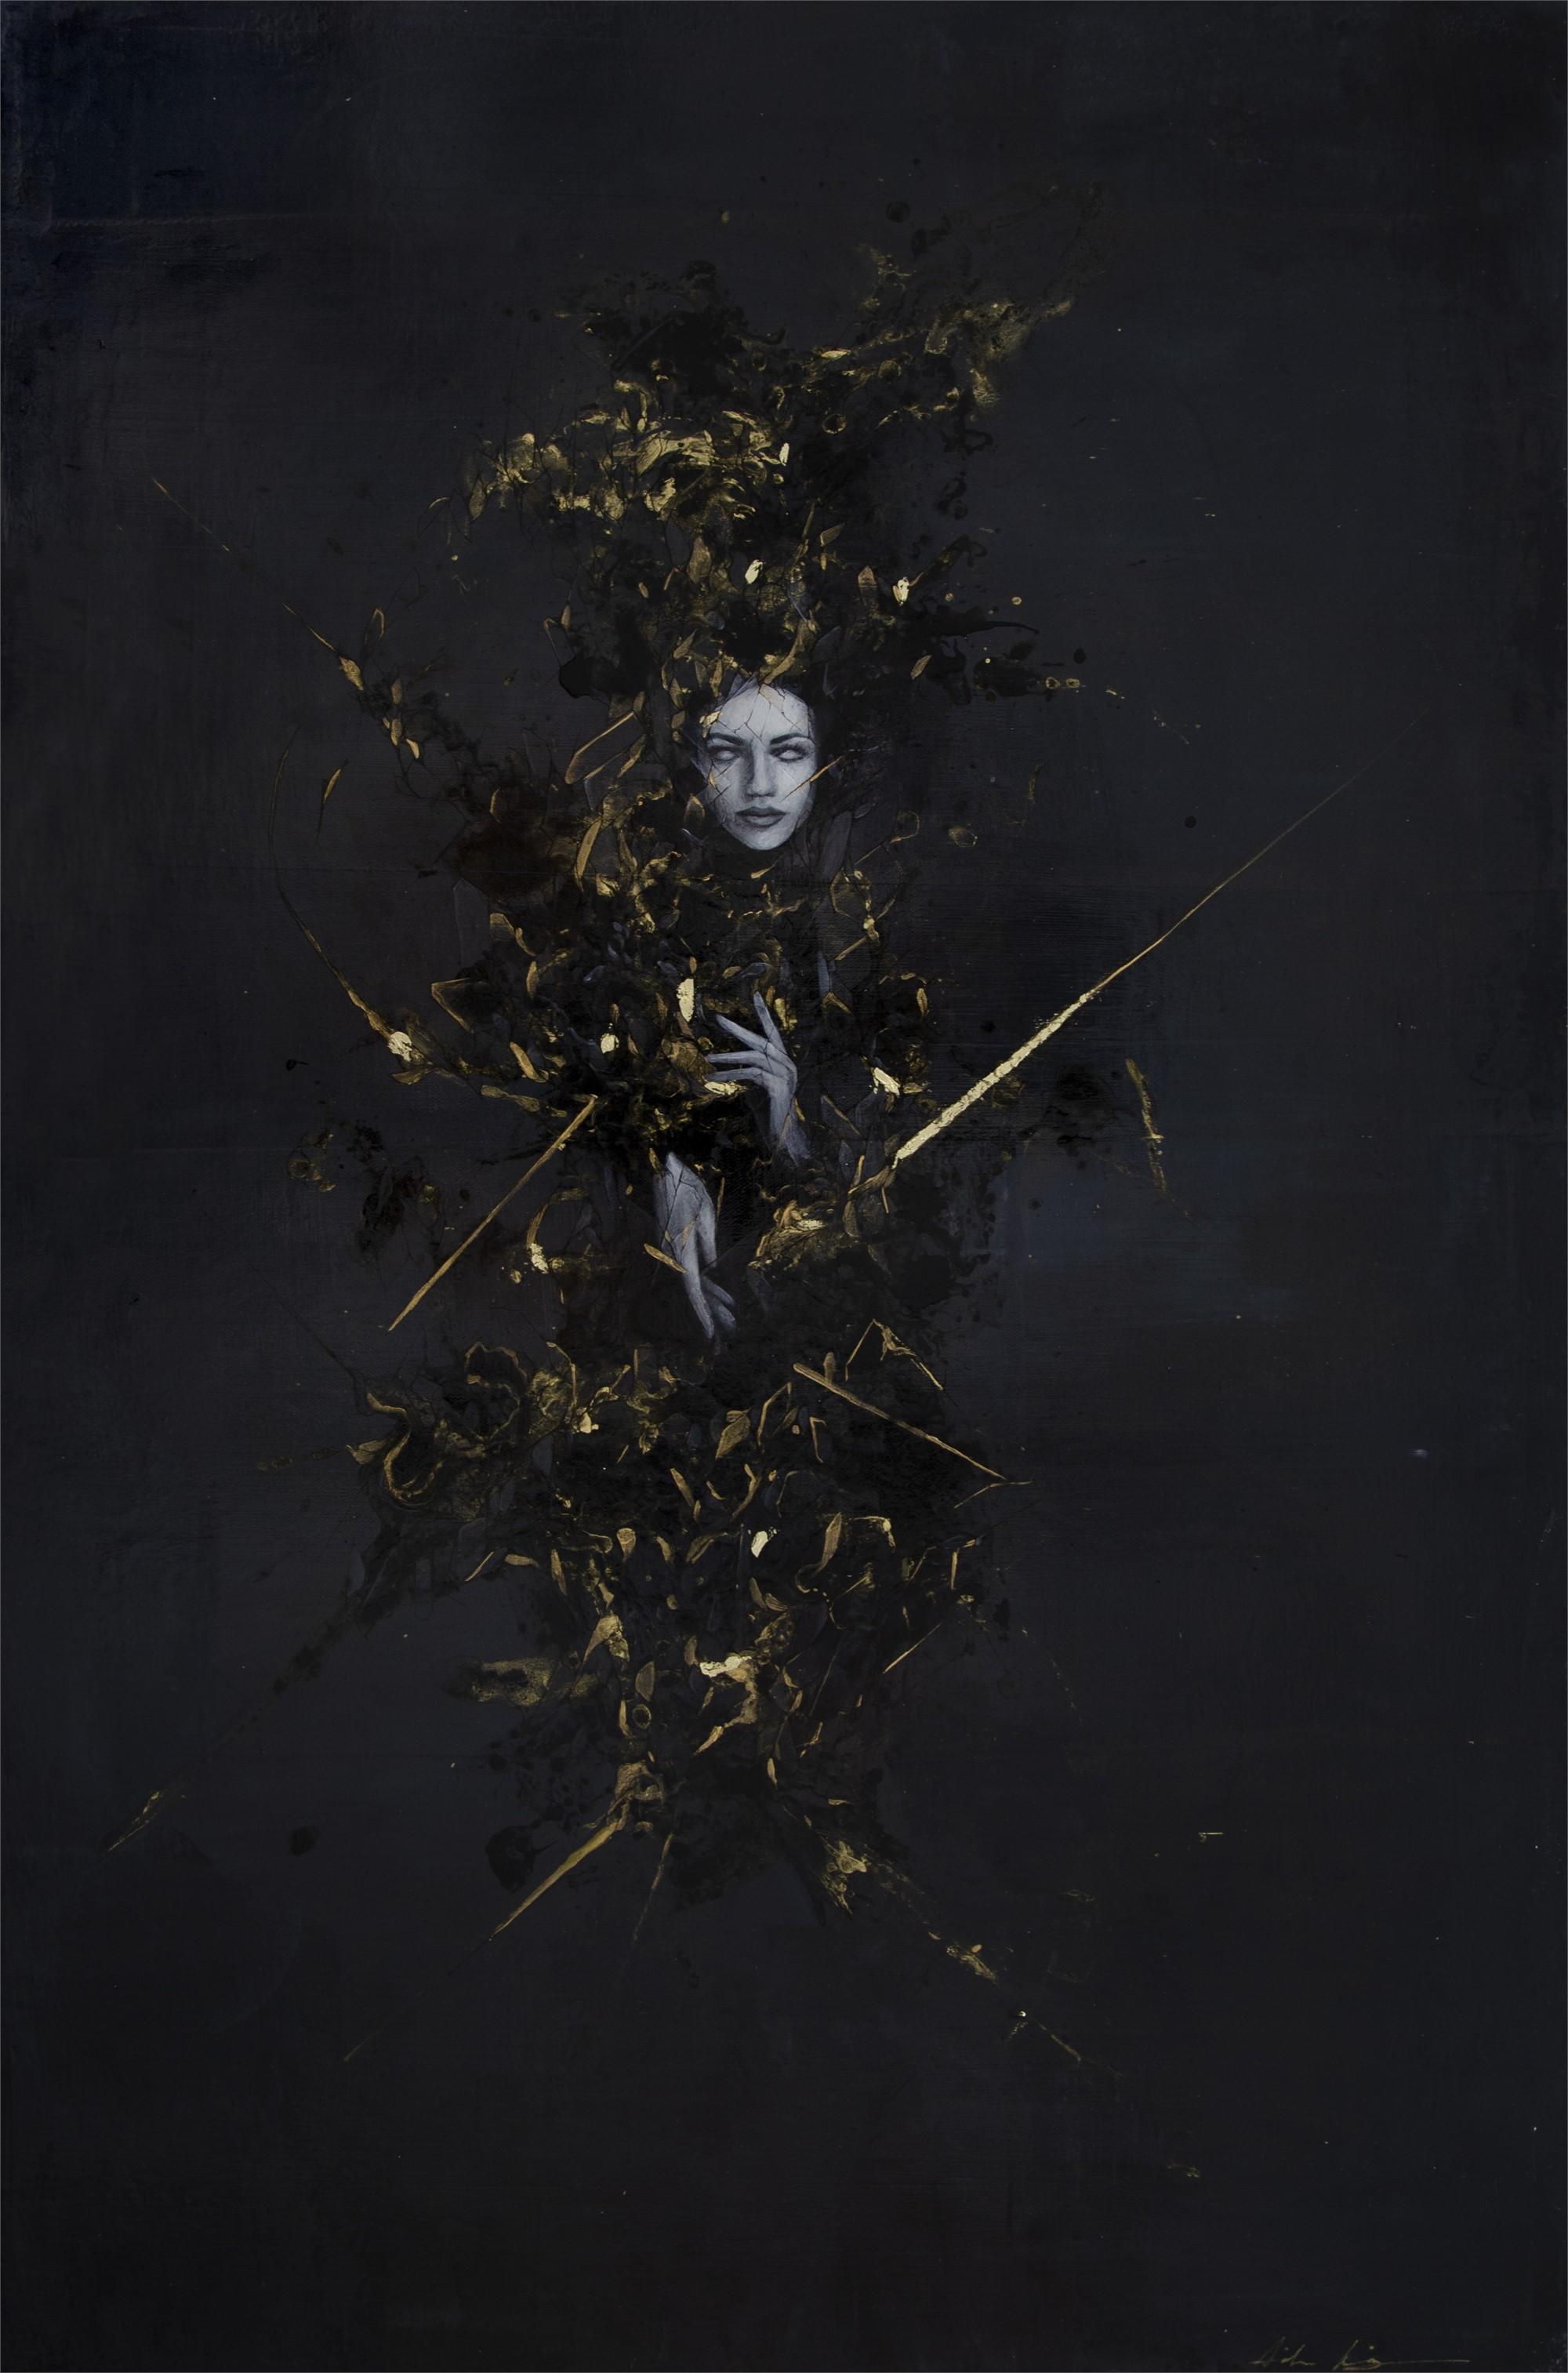 Seraph 2 by Aiden Kringen